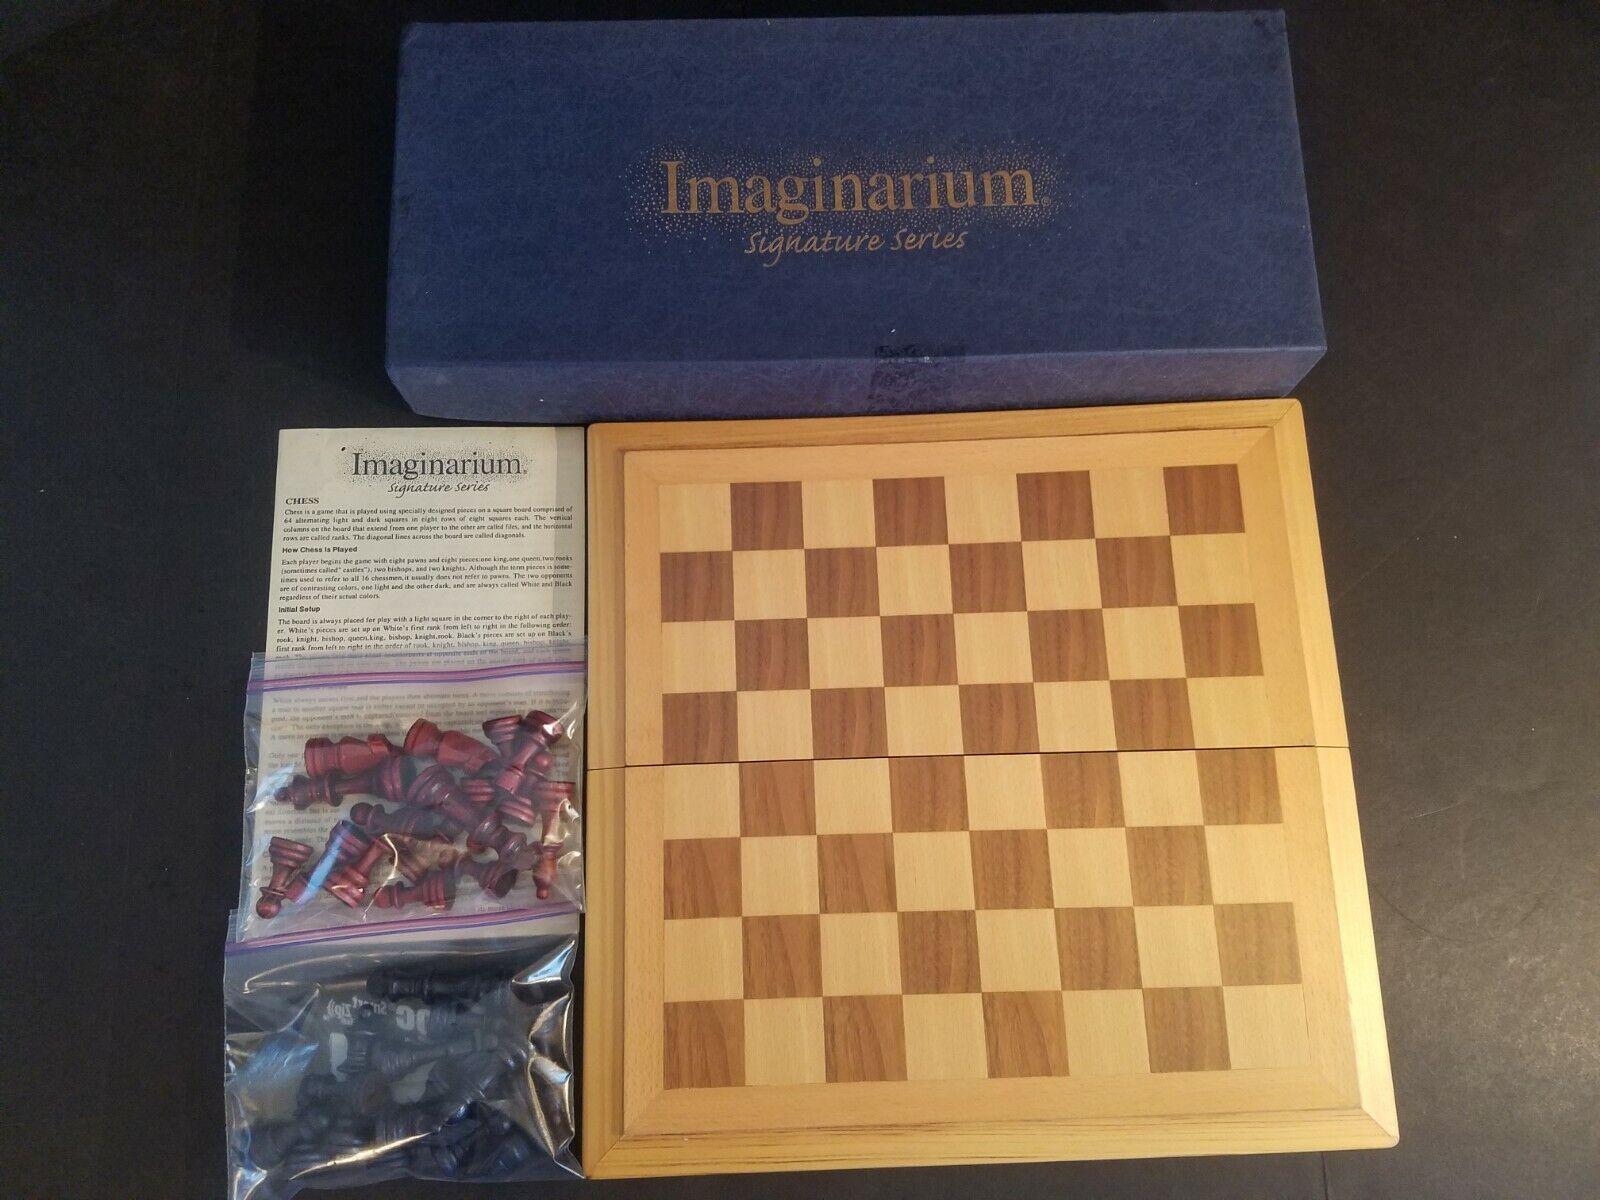 Imaginarium Signature Series Chess Set Wood